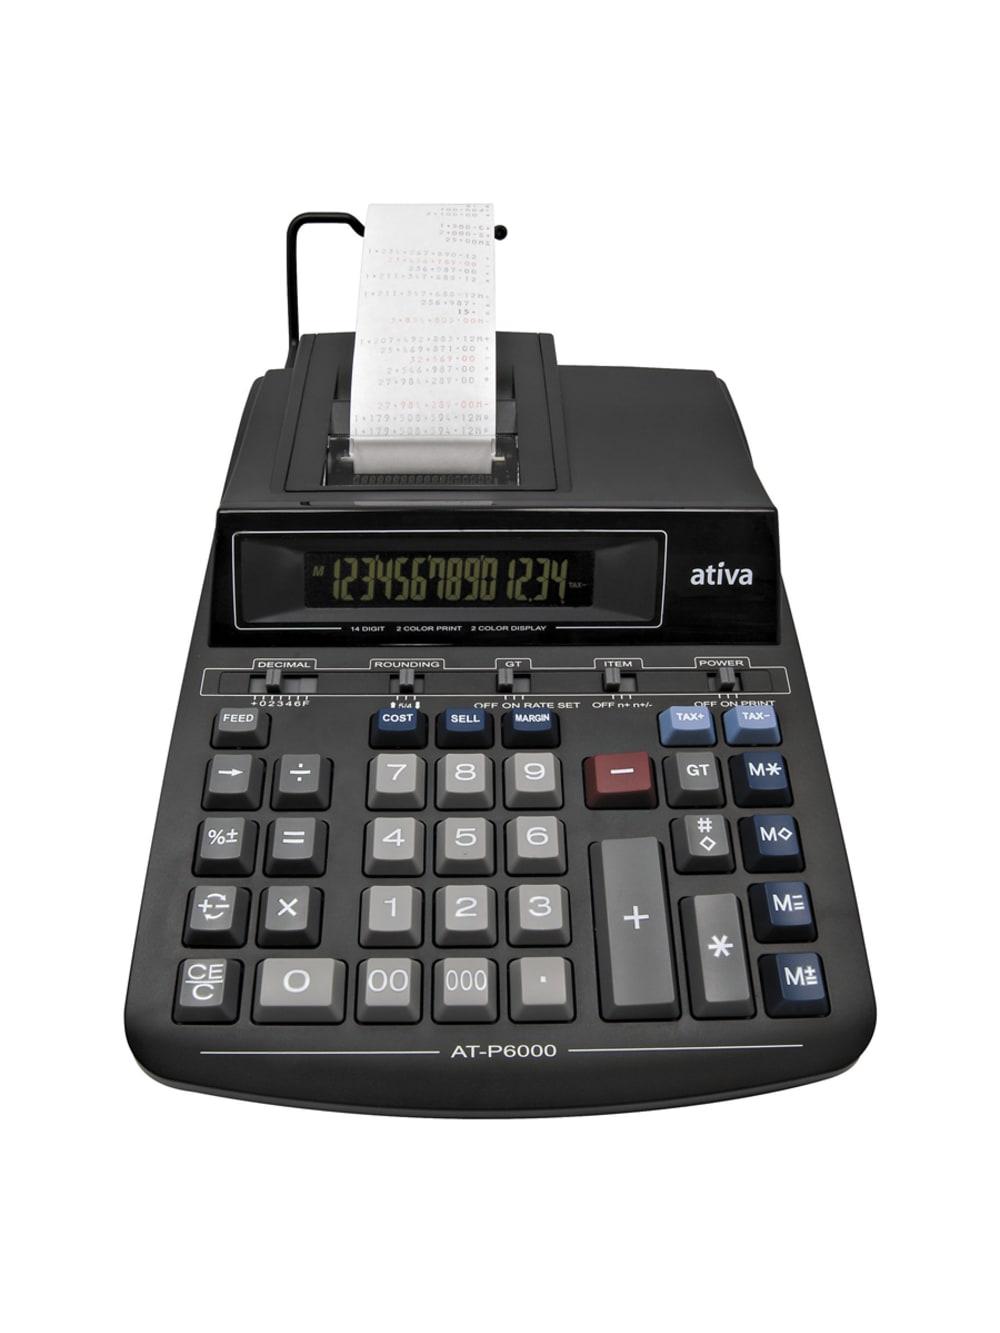 Taschenrechner Ativa AT 709 979074 Tisch Rechner grau Calculator